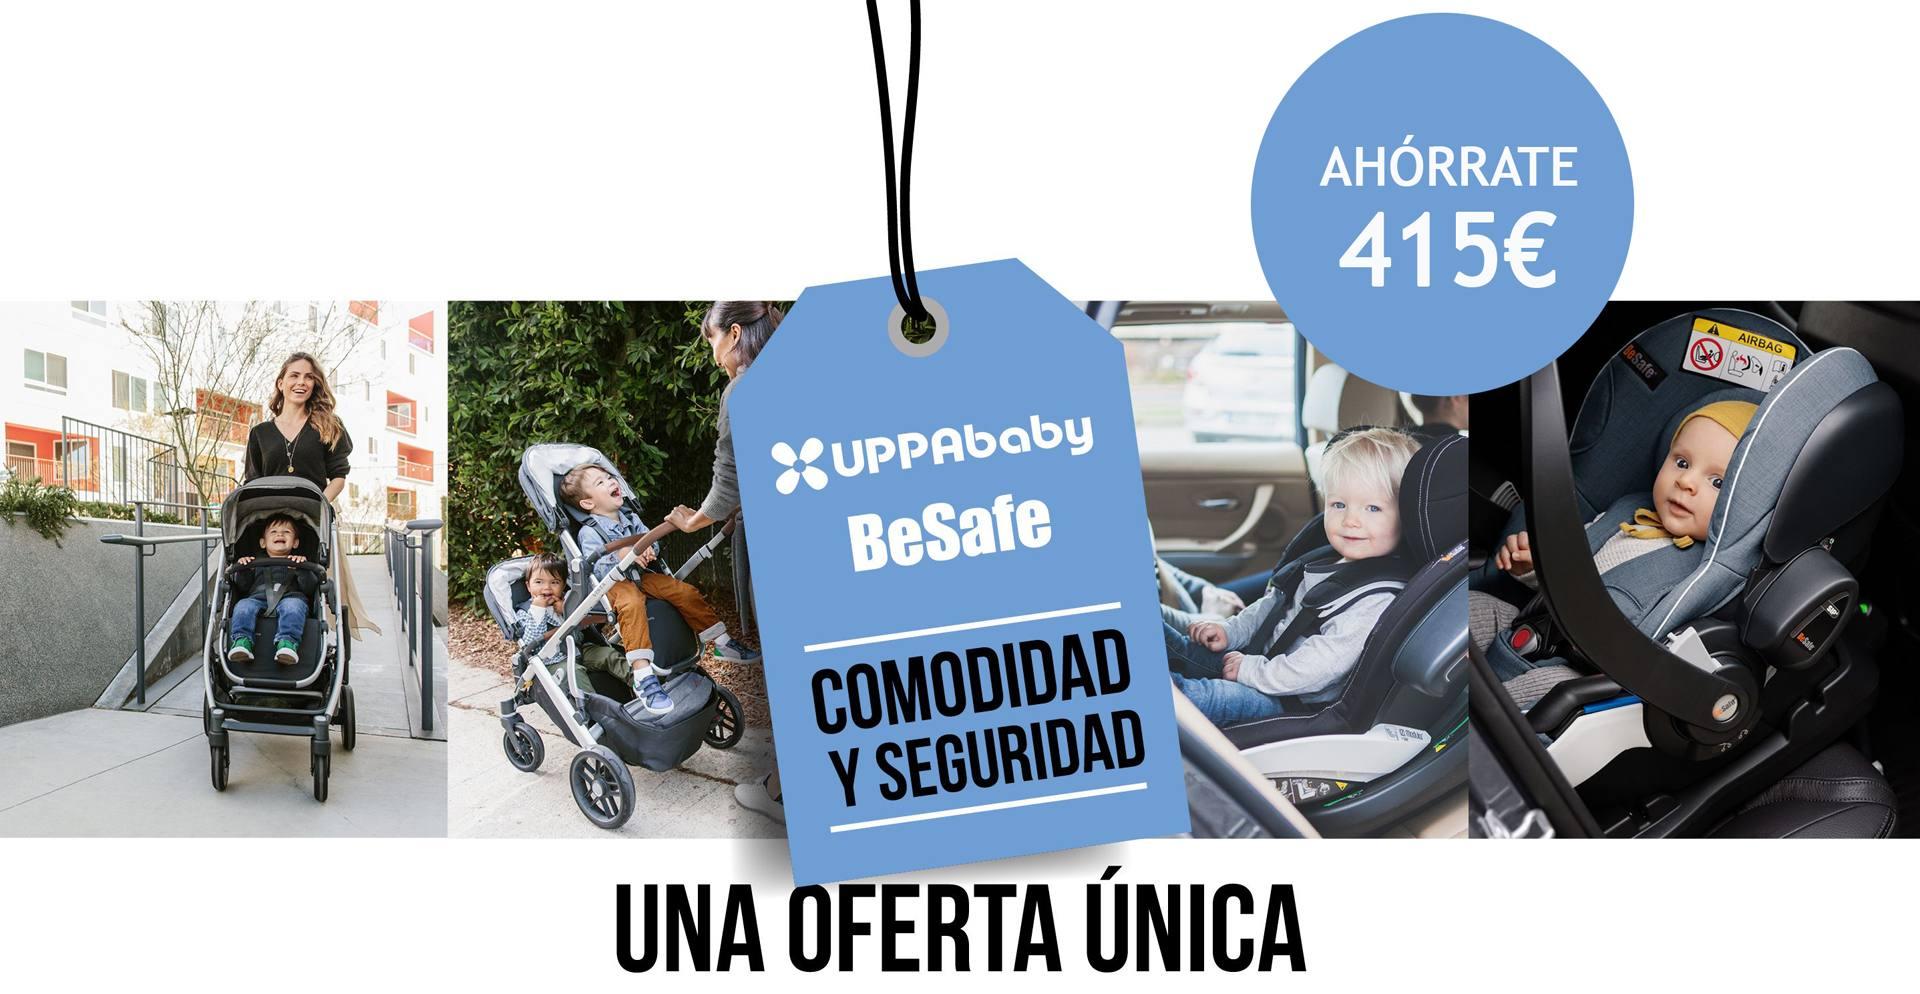 Promo UPPAbaby + BeSafe